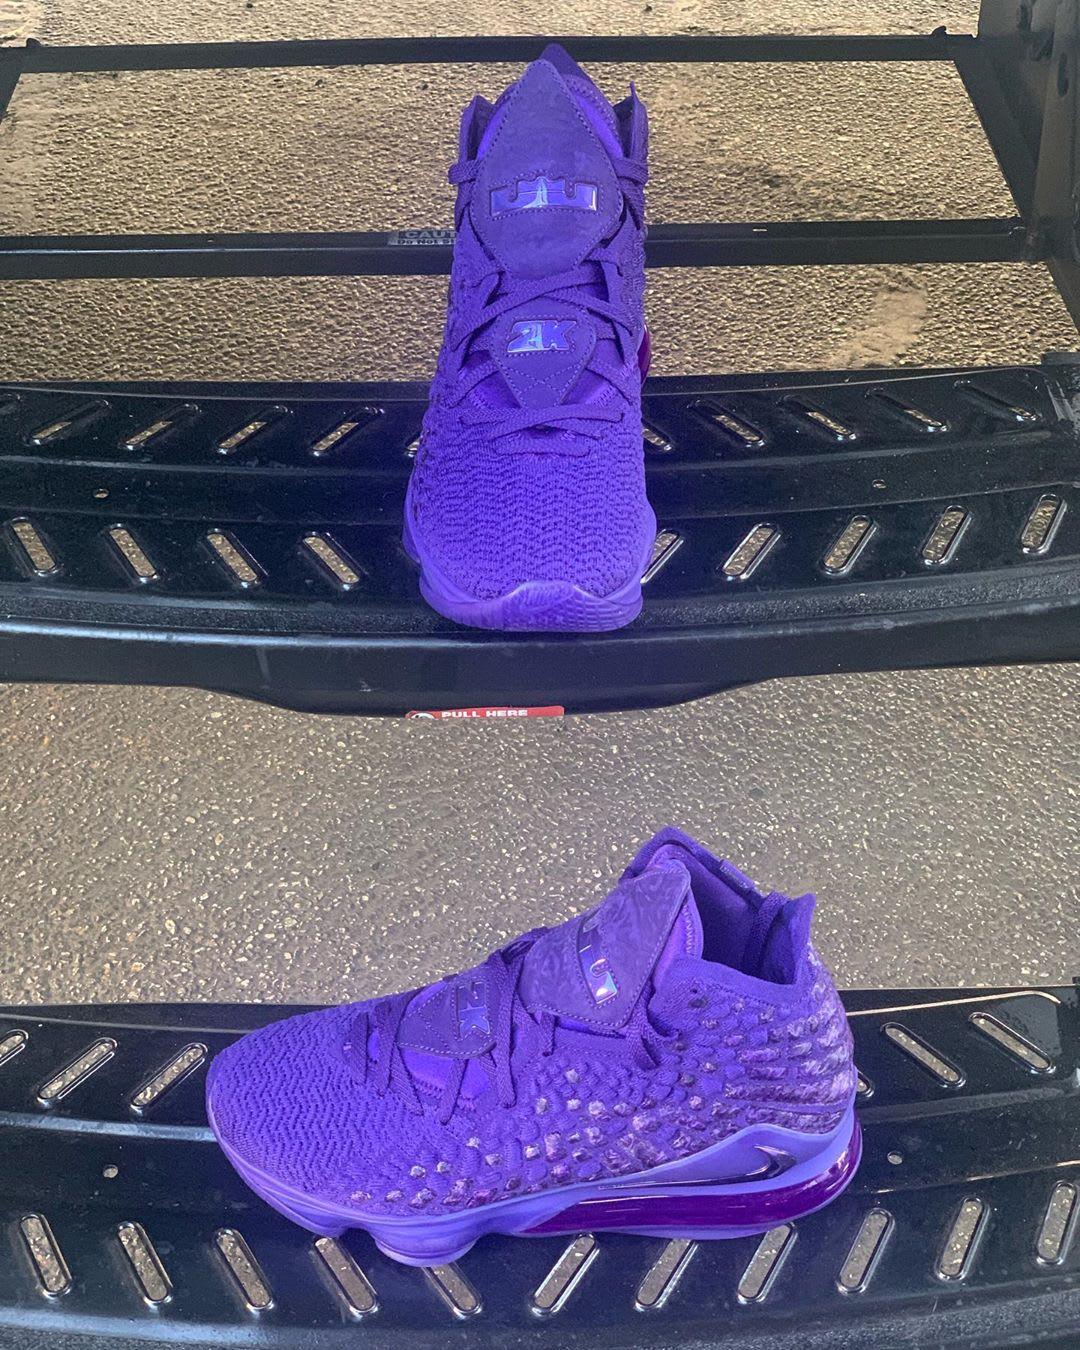 Nike LeBron 17 2K Purple Release Date Front Side